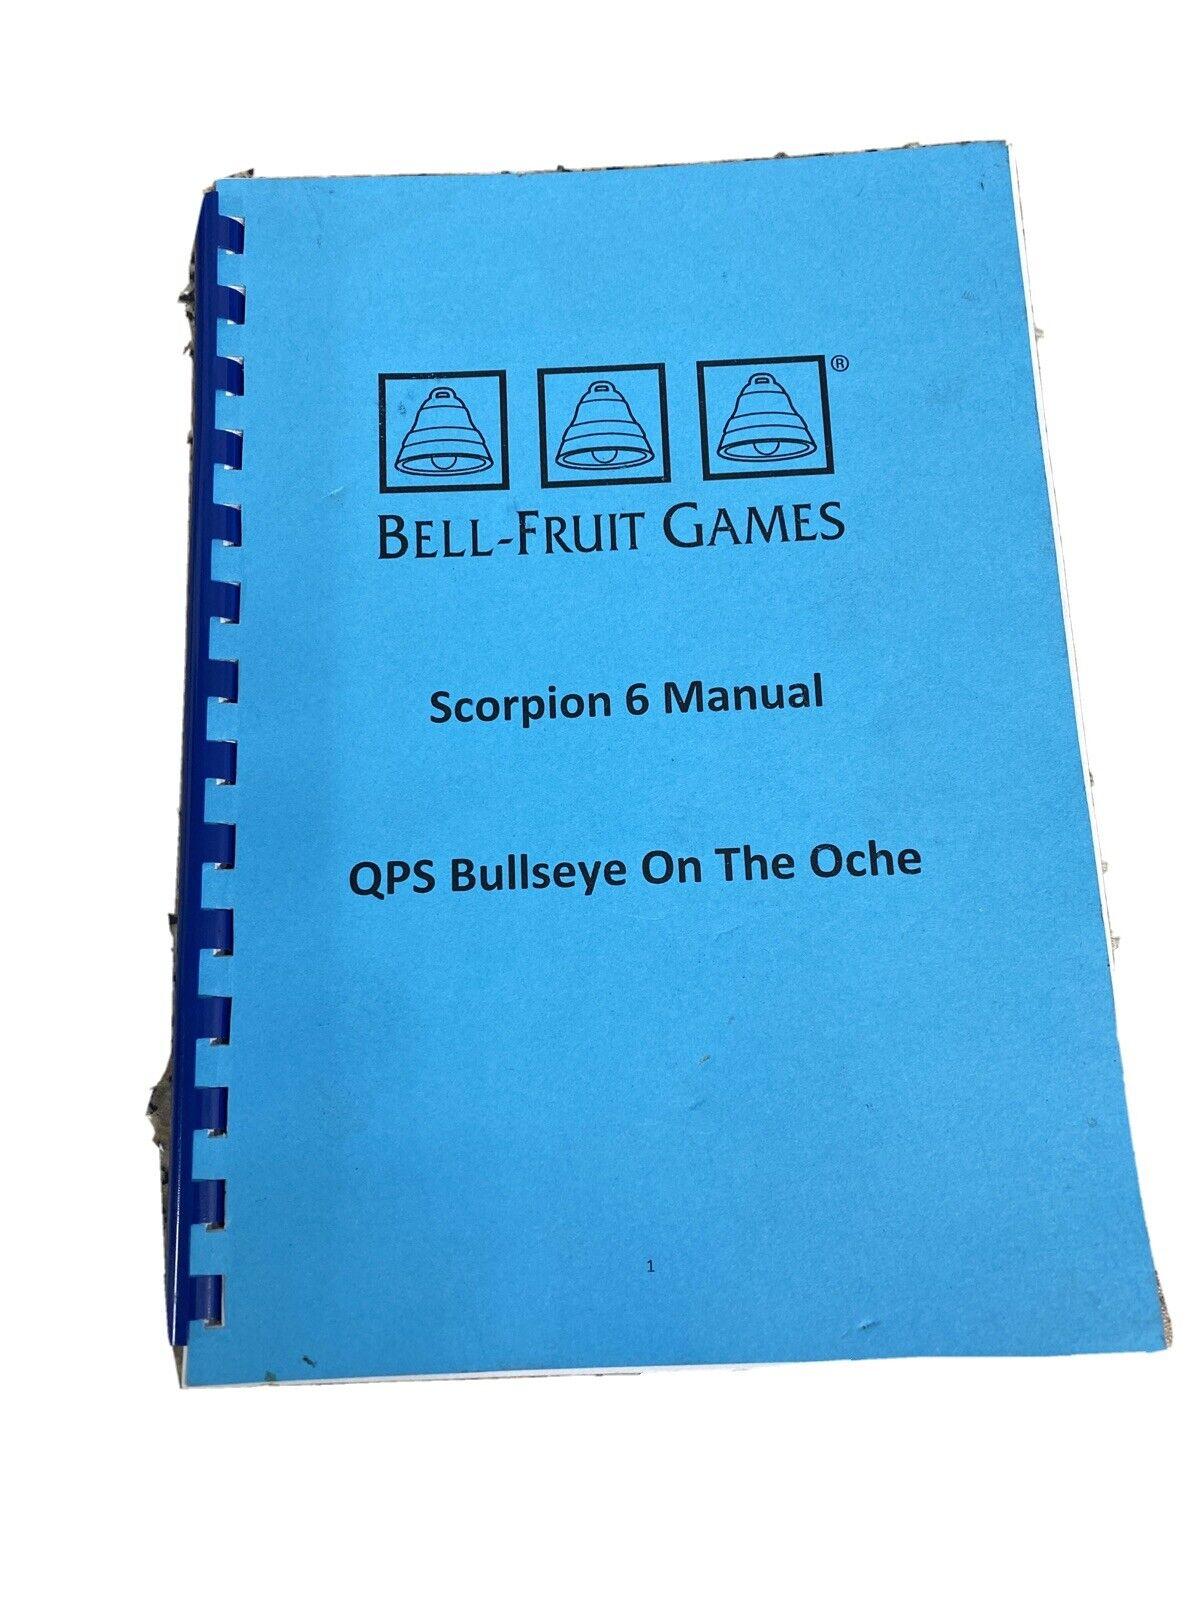 BELL FRUIT GAMES - QPS Bullseye On The Oche Scorpion 6 Manual